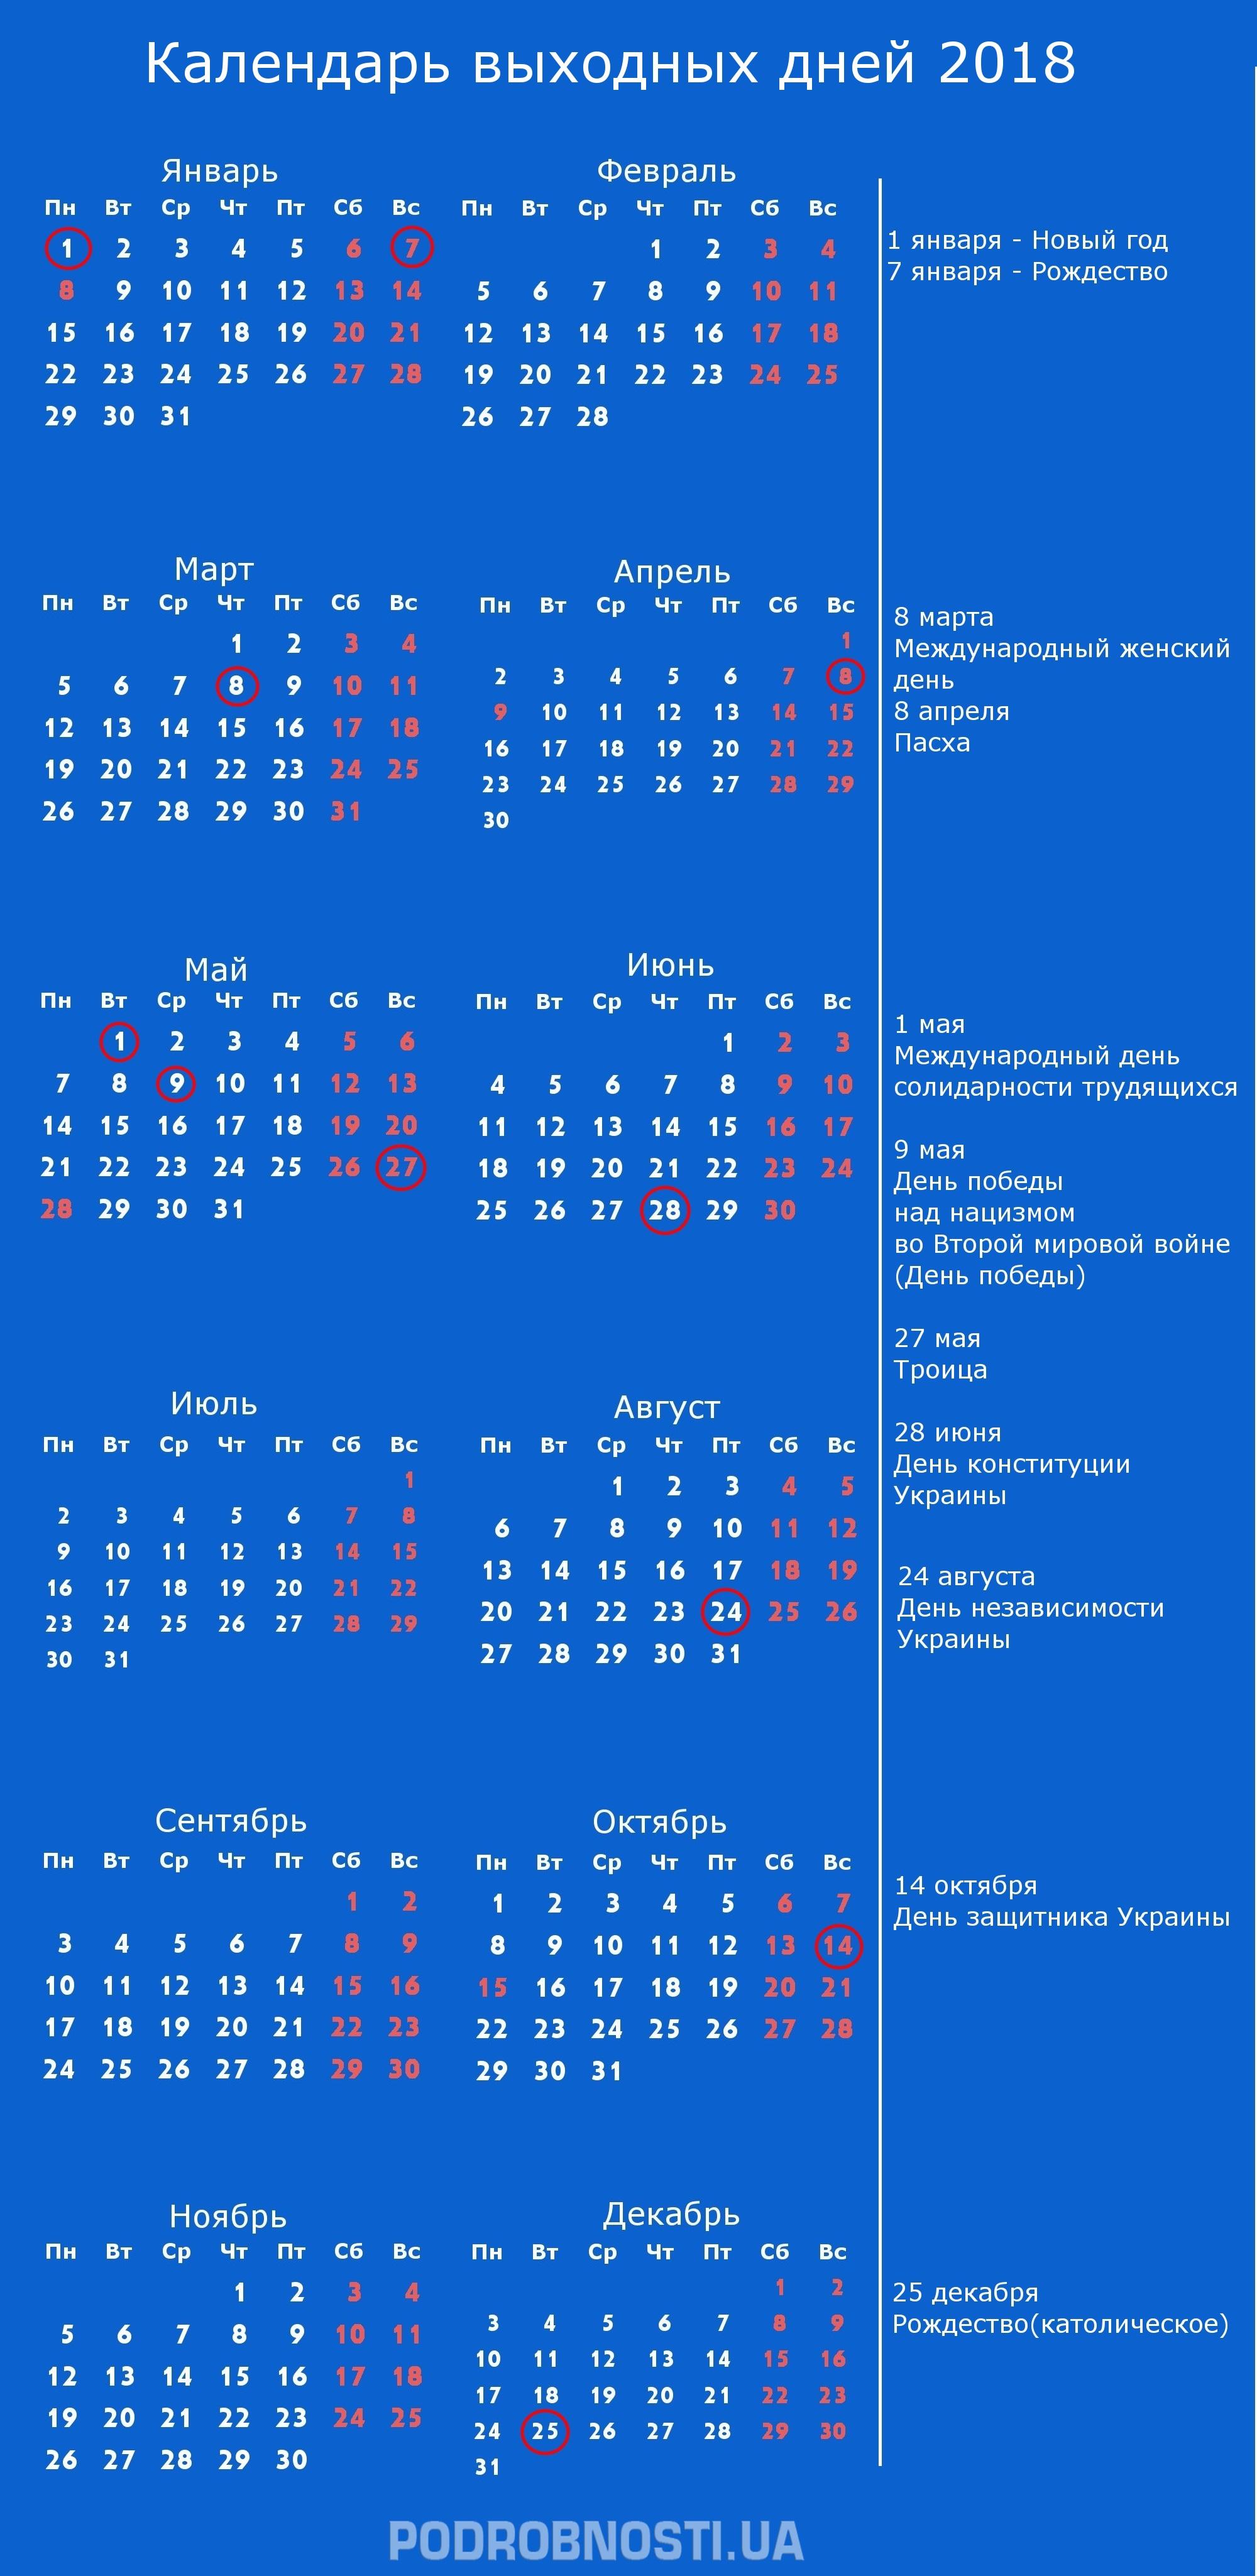 Праздники 30 октября 2018 года